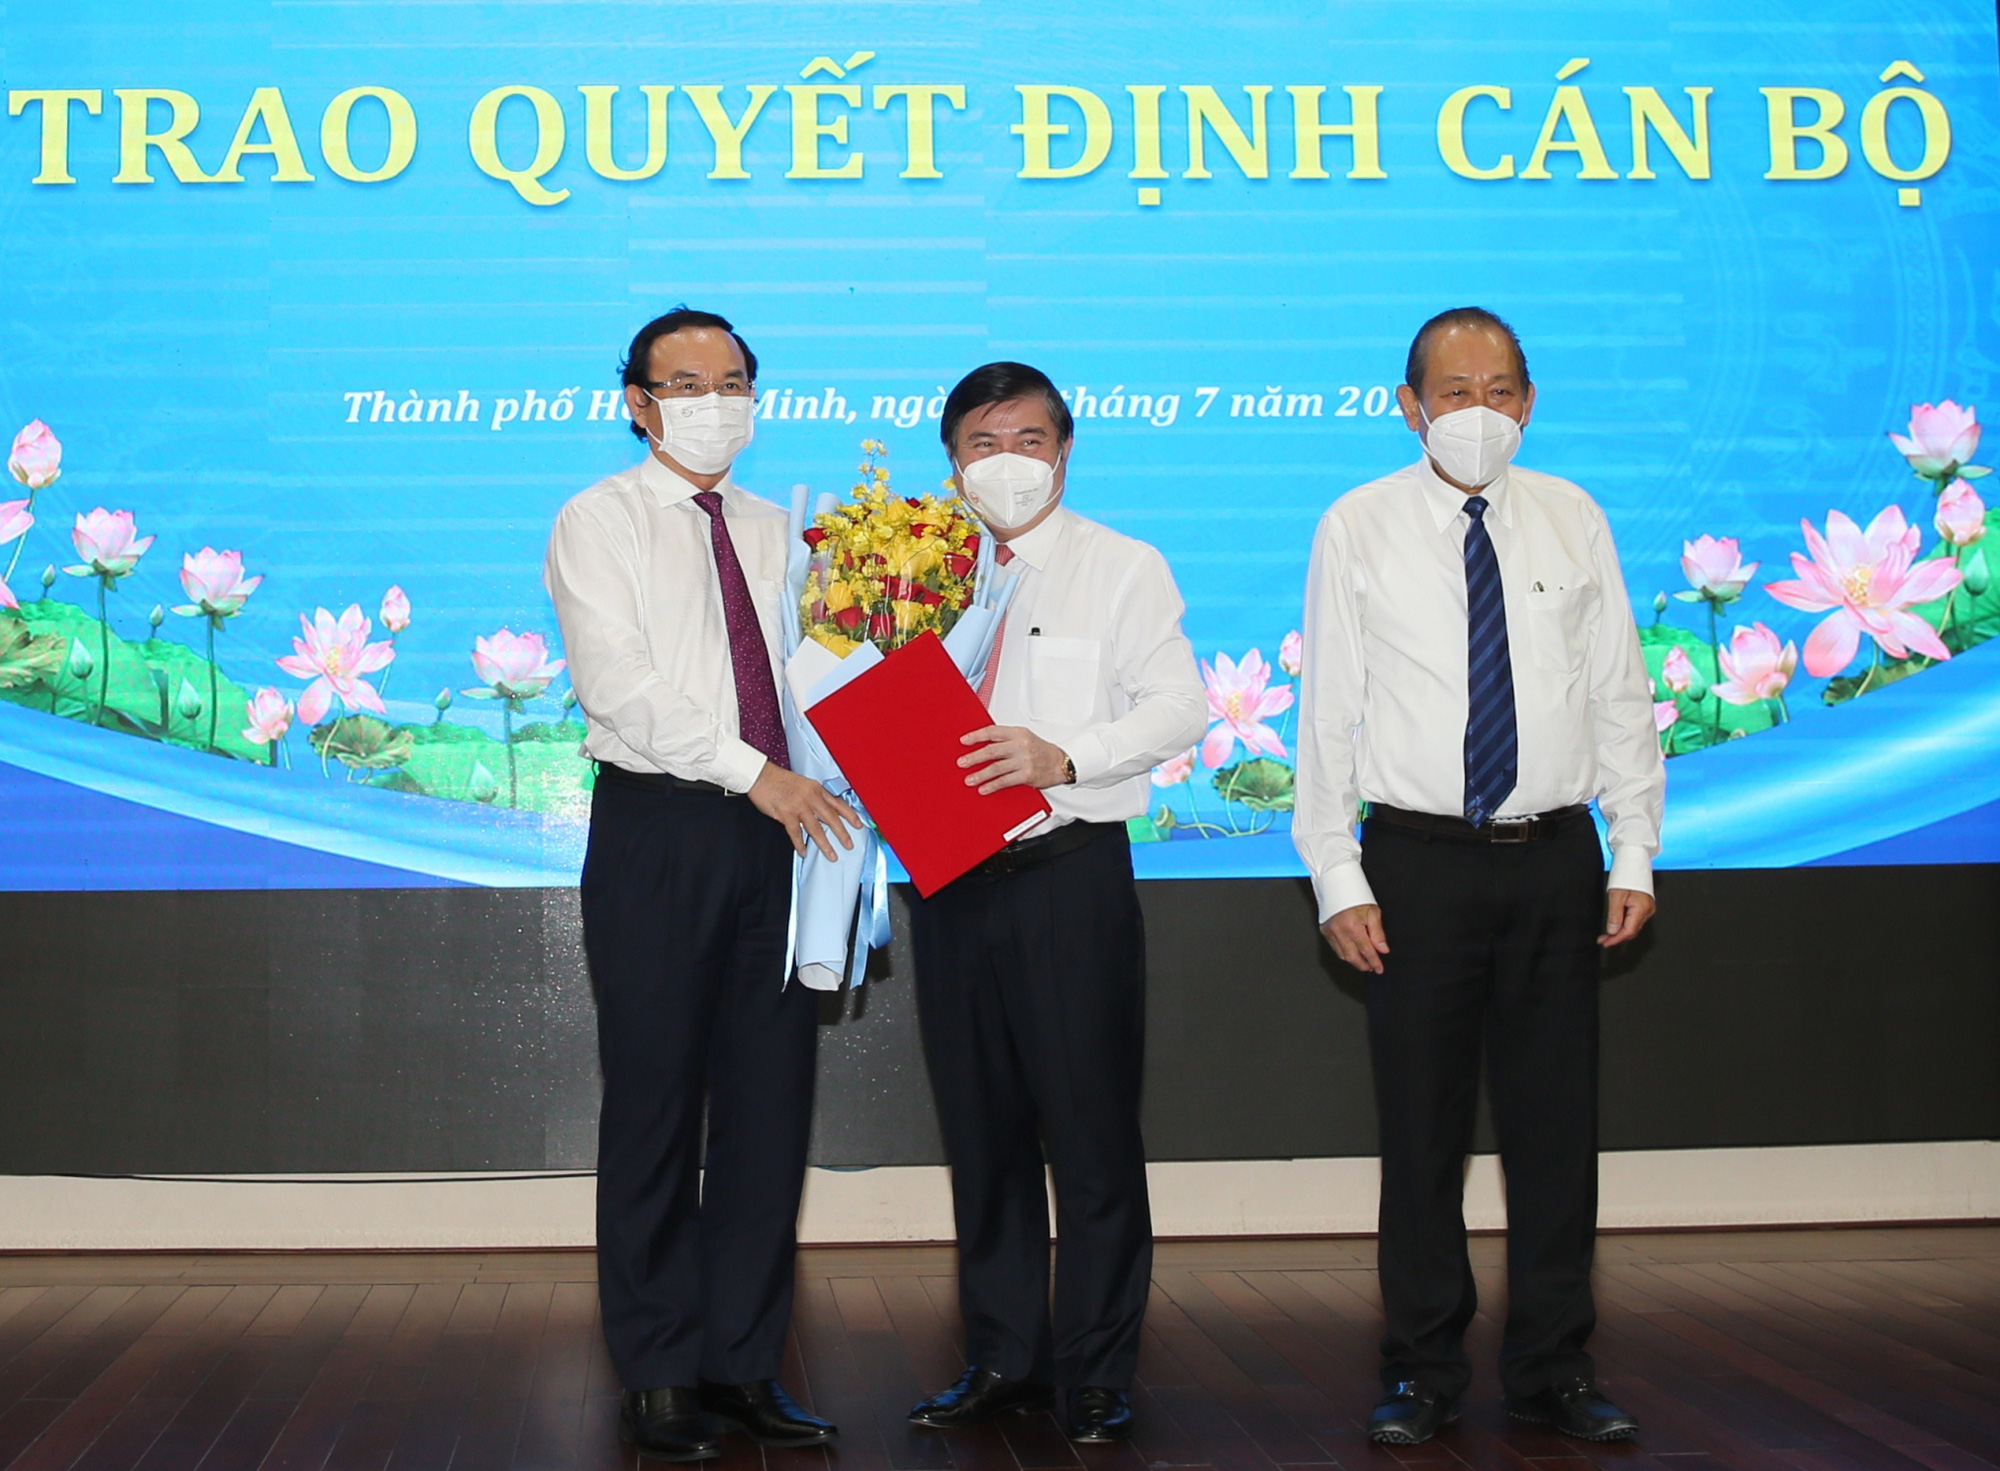 Ông Nguyễn Thành Phong được Thủ tướng phê chuẩn chức vụ Chủ tịch UBND TP.HCM - Ảnh 2.